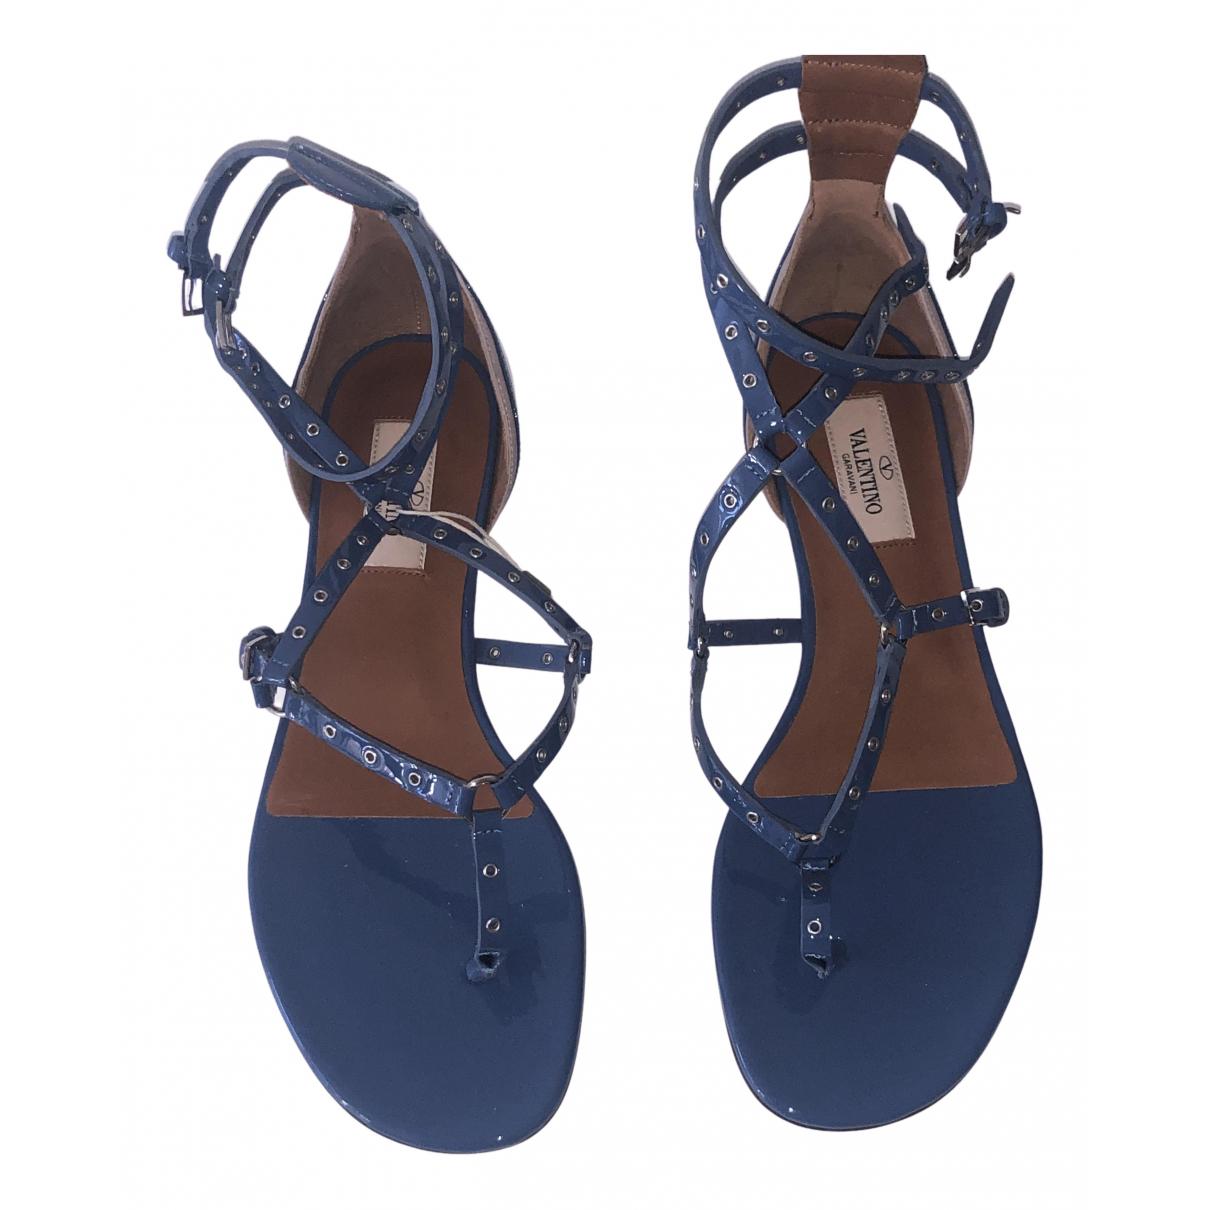 Valentino Garavani - Sandales   pour femme en cuir verni - bleu